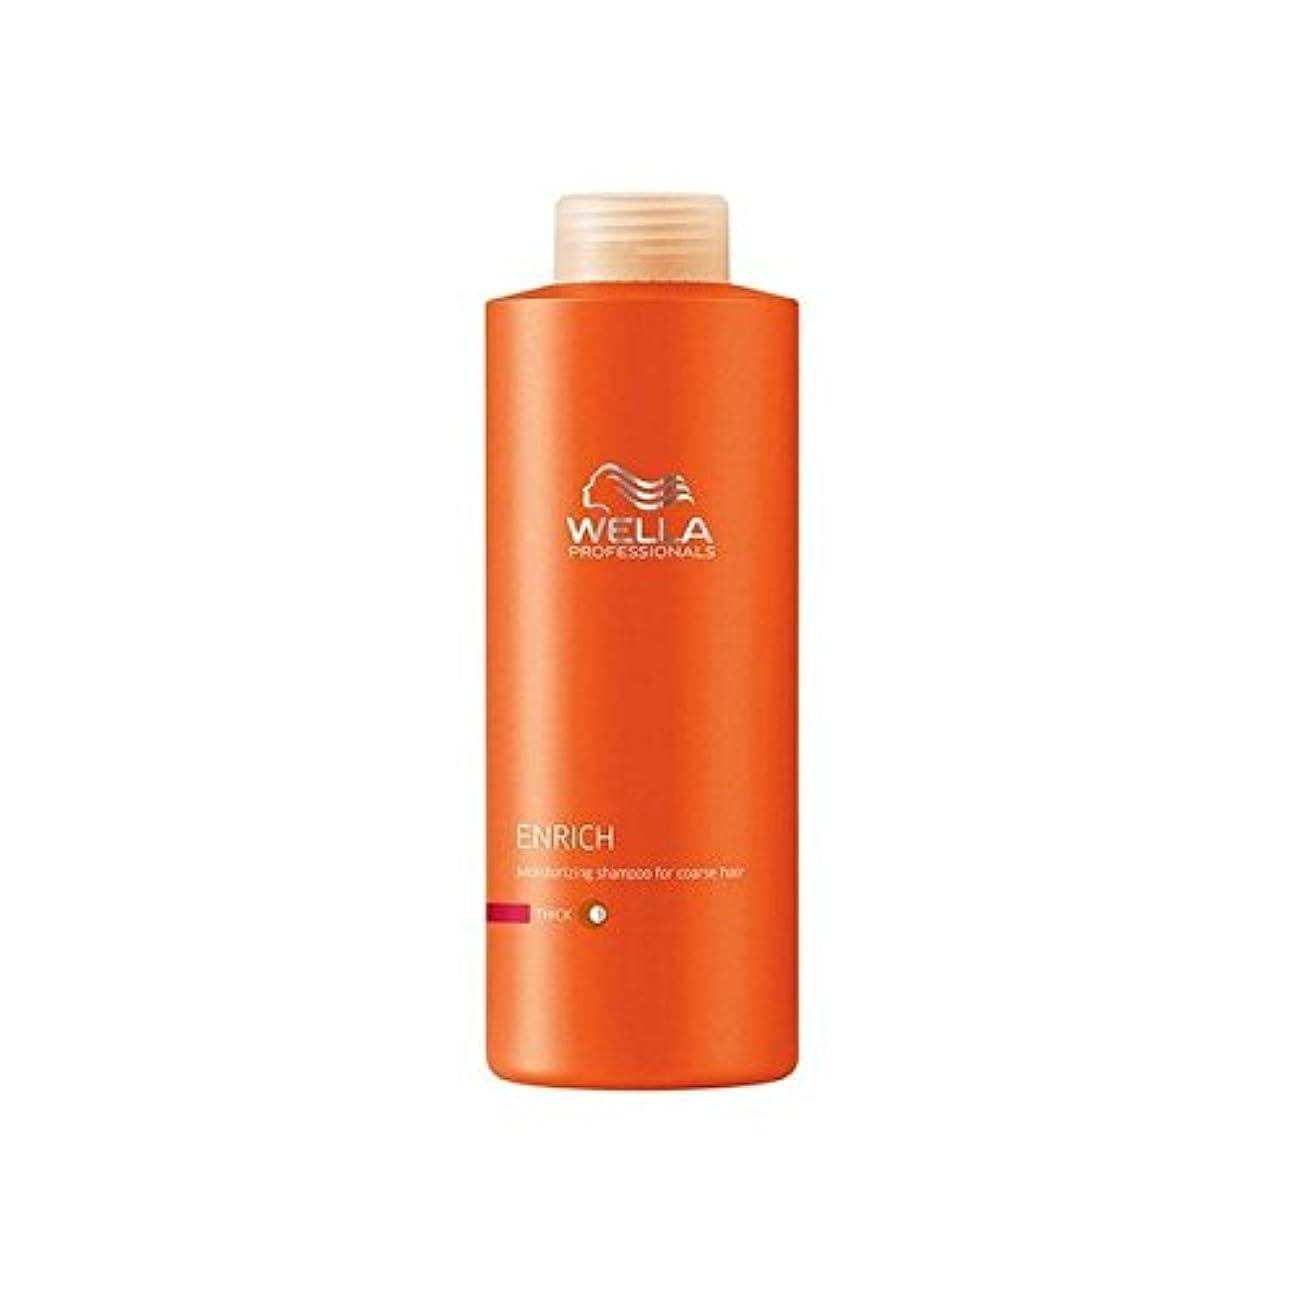 クライストチャーチ援助する練習ウェラの専門家は粗いシャンプー(千ミリリットル)を豊かに x2 - Wella Professionals Enrich Coarse Shampoo (1000ml) (Pack of 2) [並行輸入品]